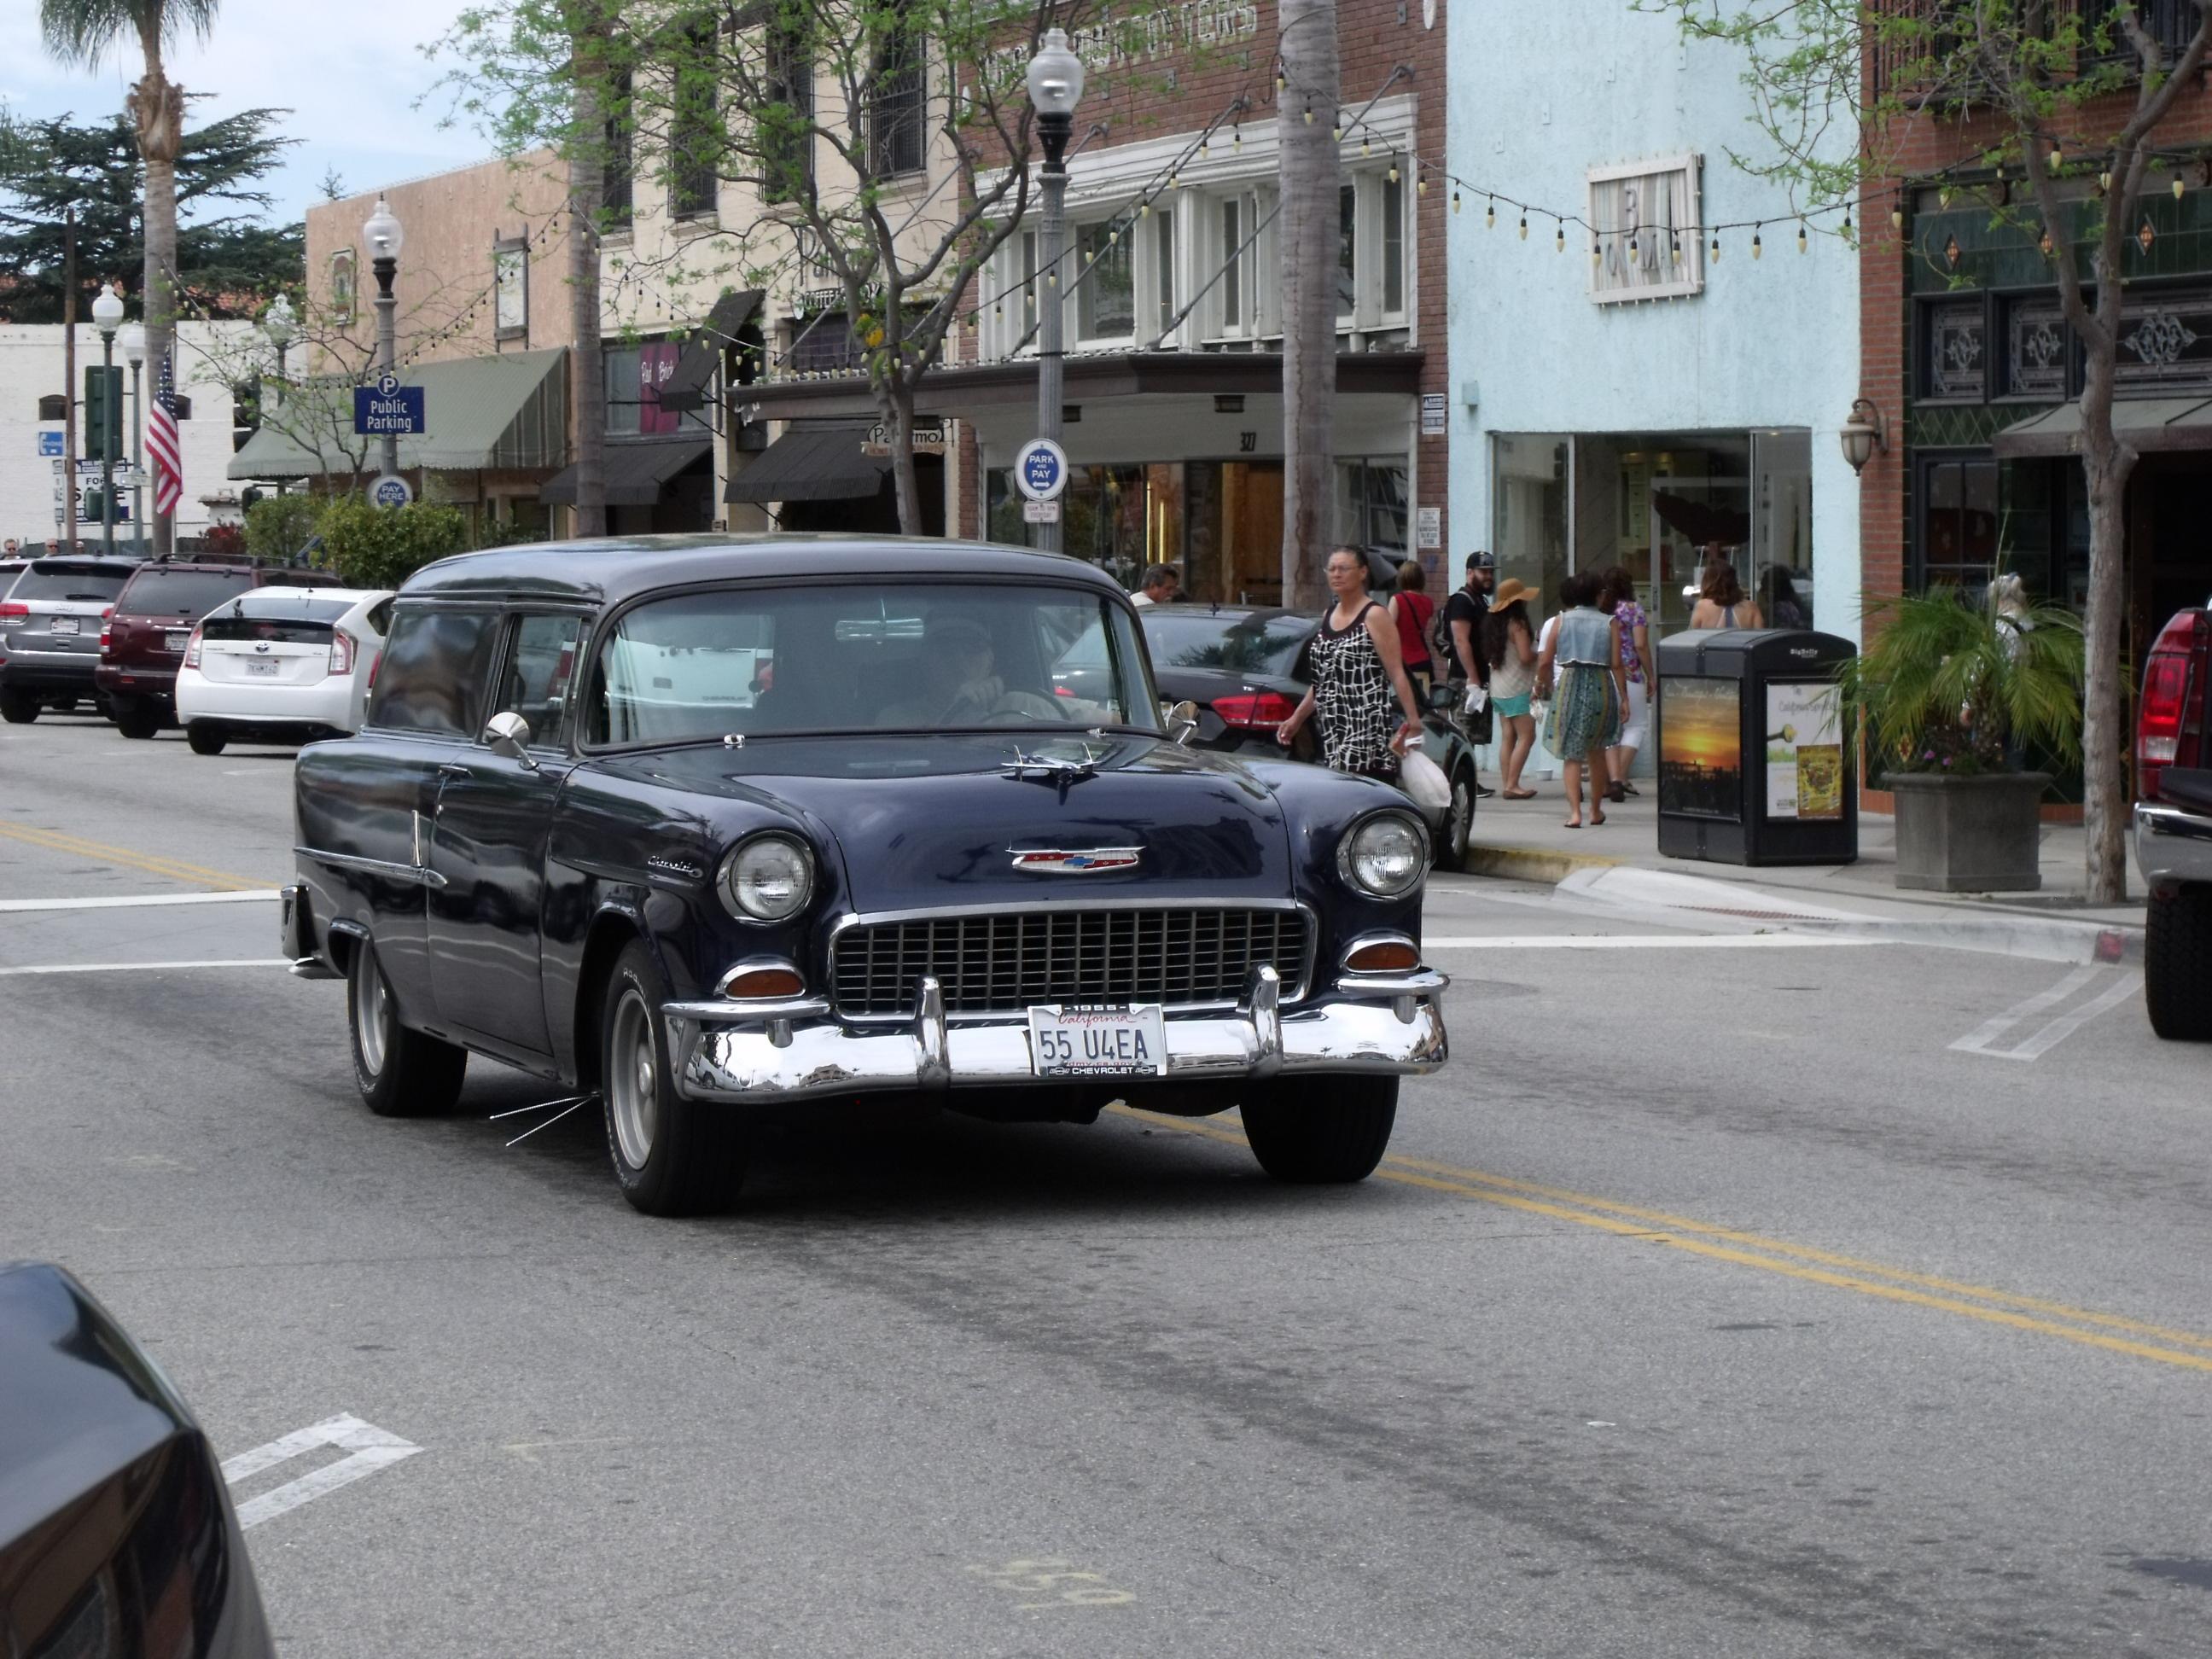 1955 Chevrolet wagon in Ventura CA